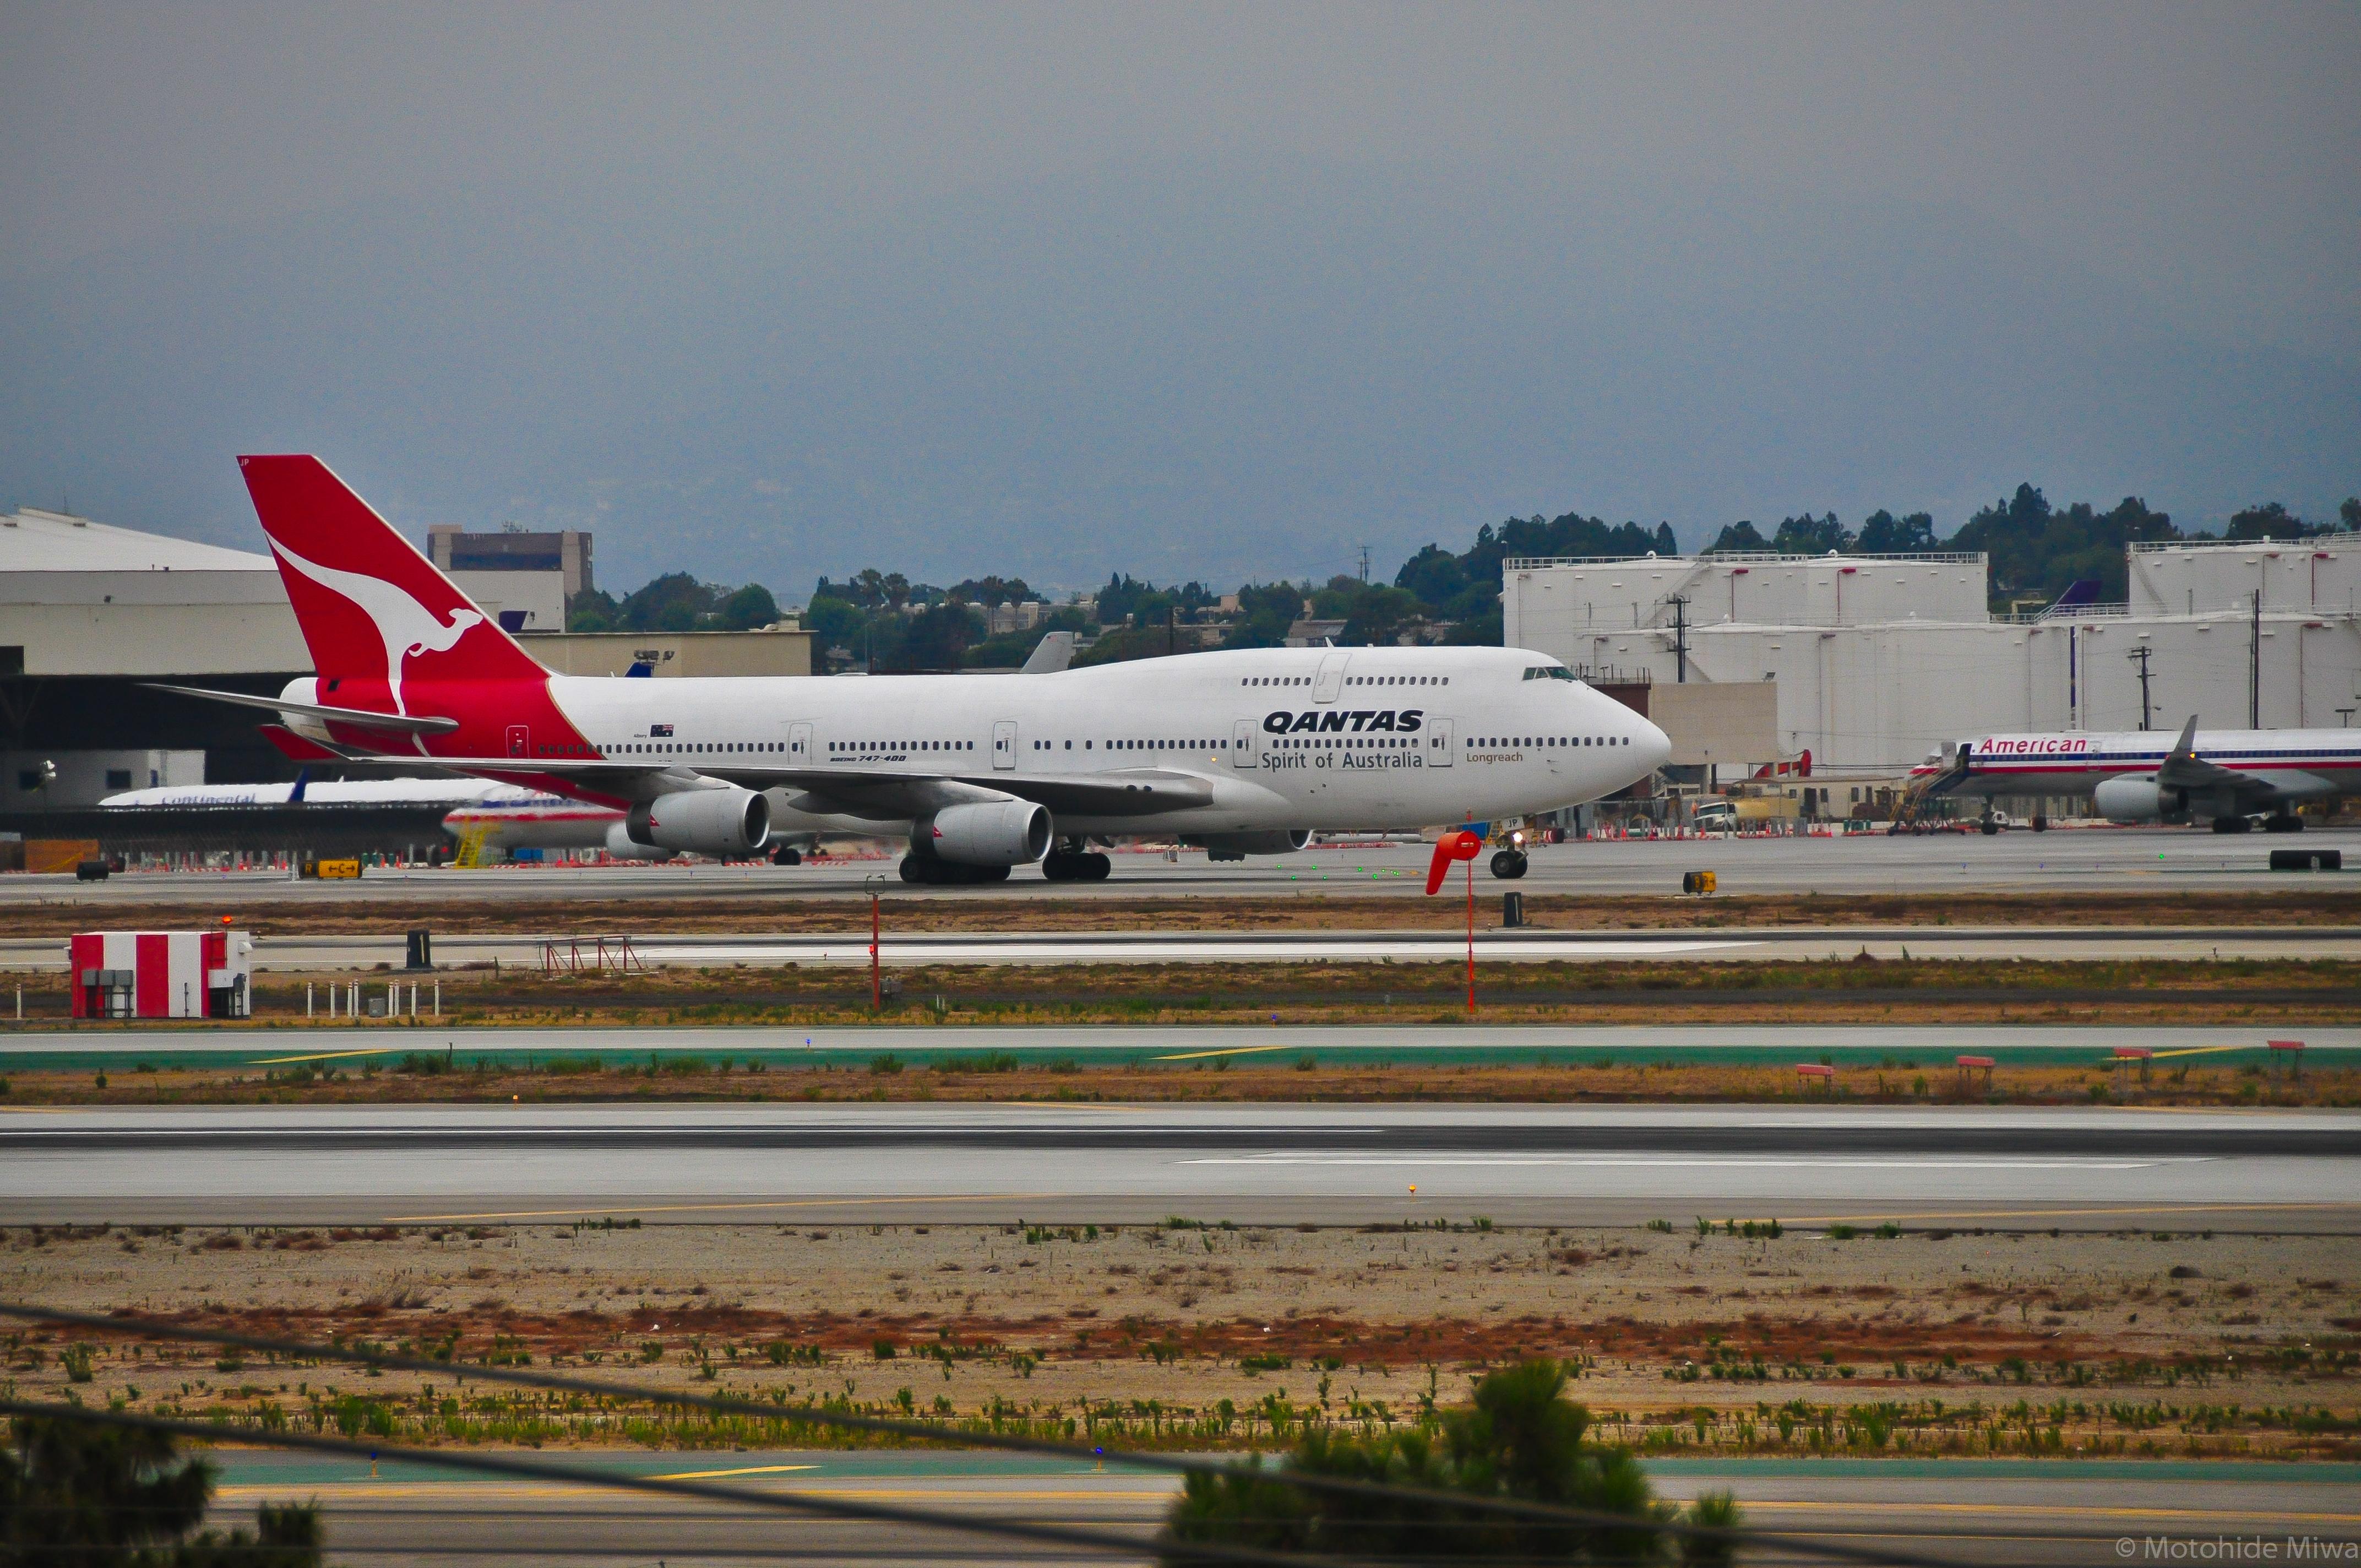 File:Qantas B747-400 (QF11 at LAX) (4871794299) jpg